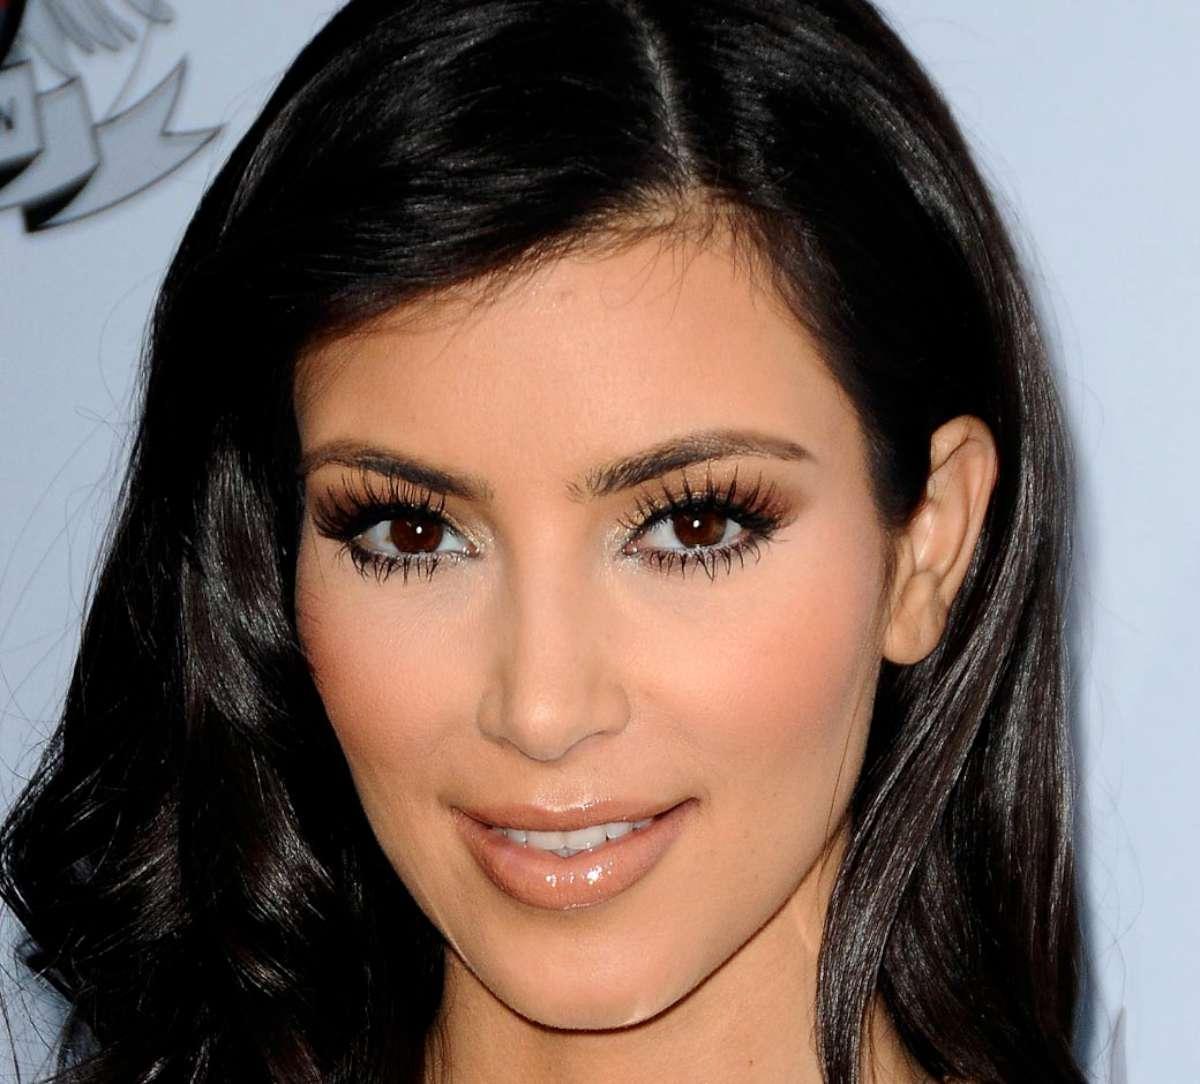 Kim Kardashian HD Wallpaper 2013 Picture Download Kim Kardashian 1200x1084